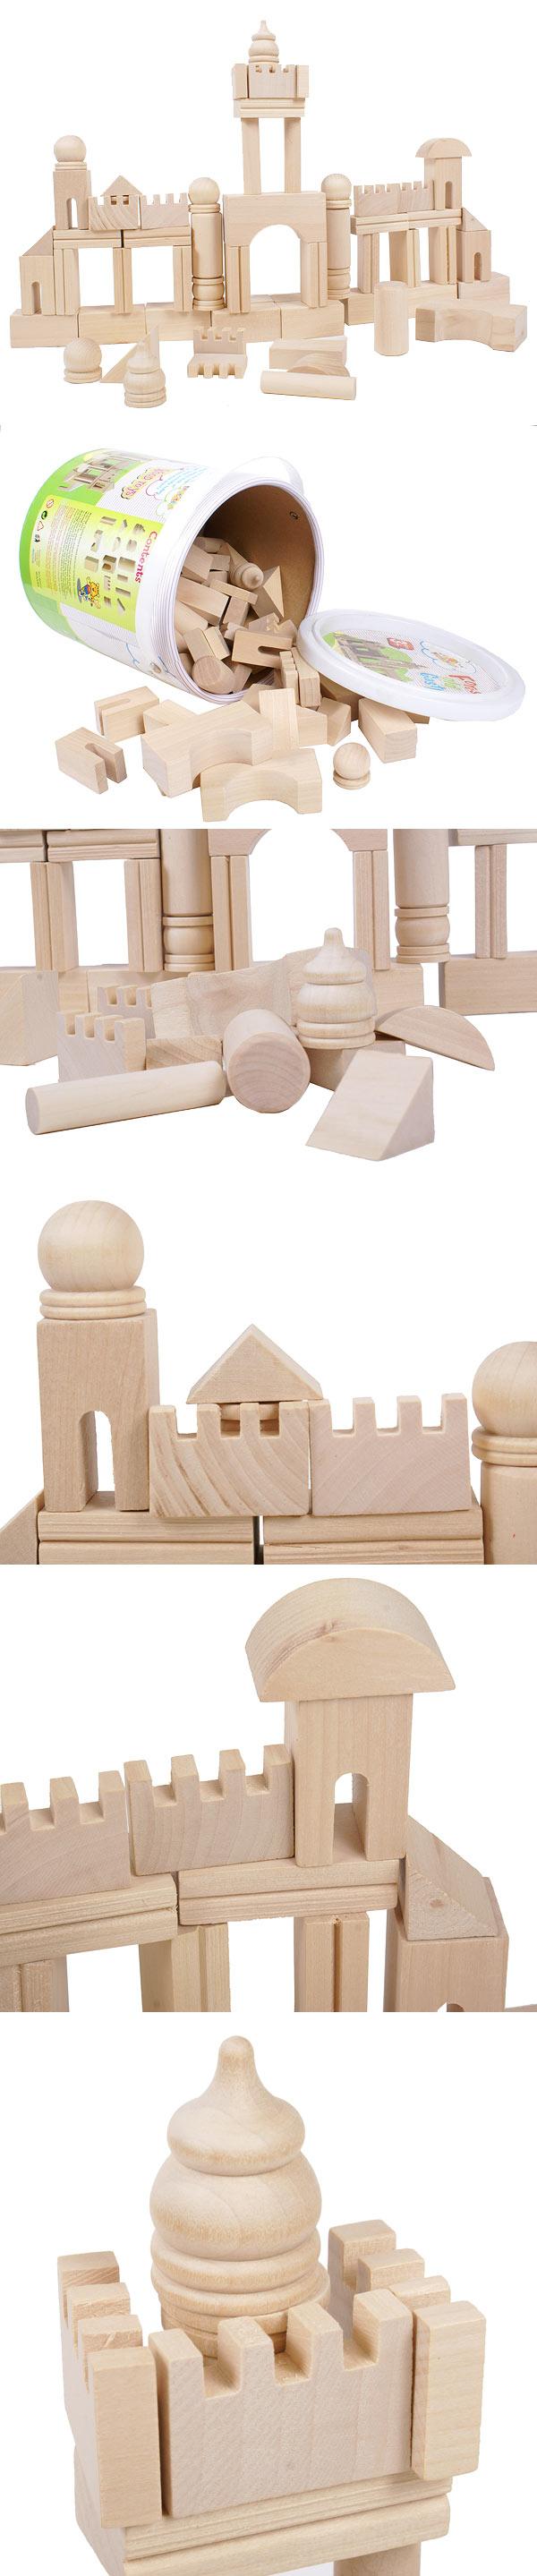 桶装益智城堡积木 森林古堡 原木木制玩具积木益智